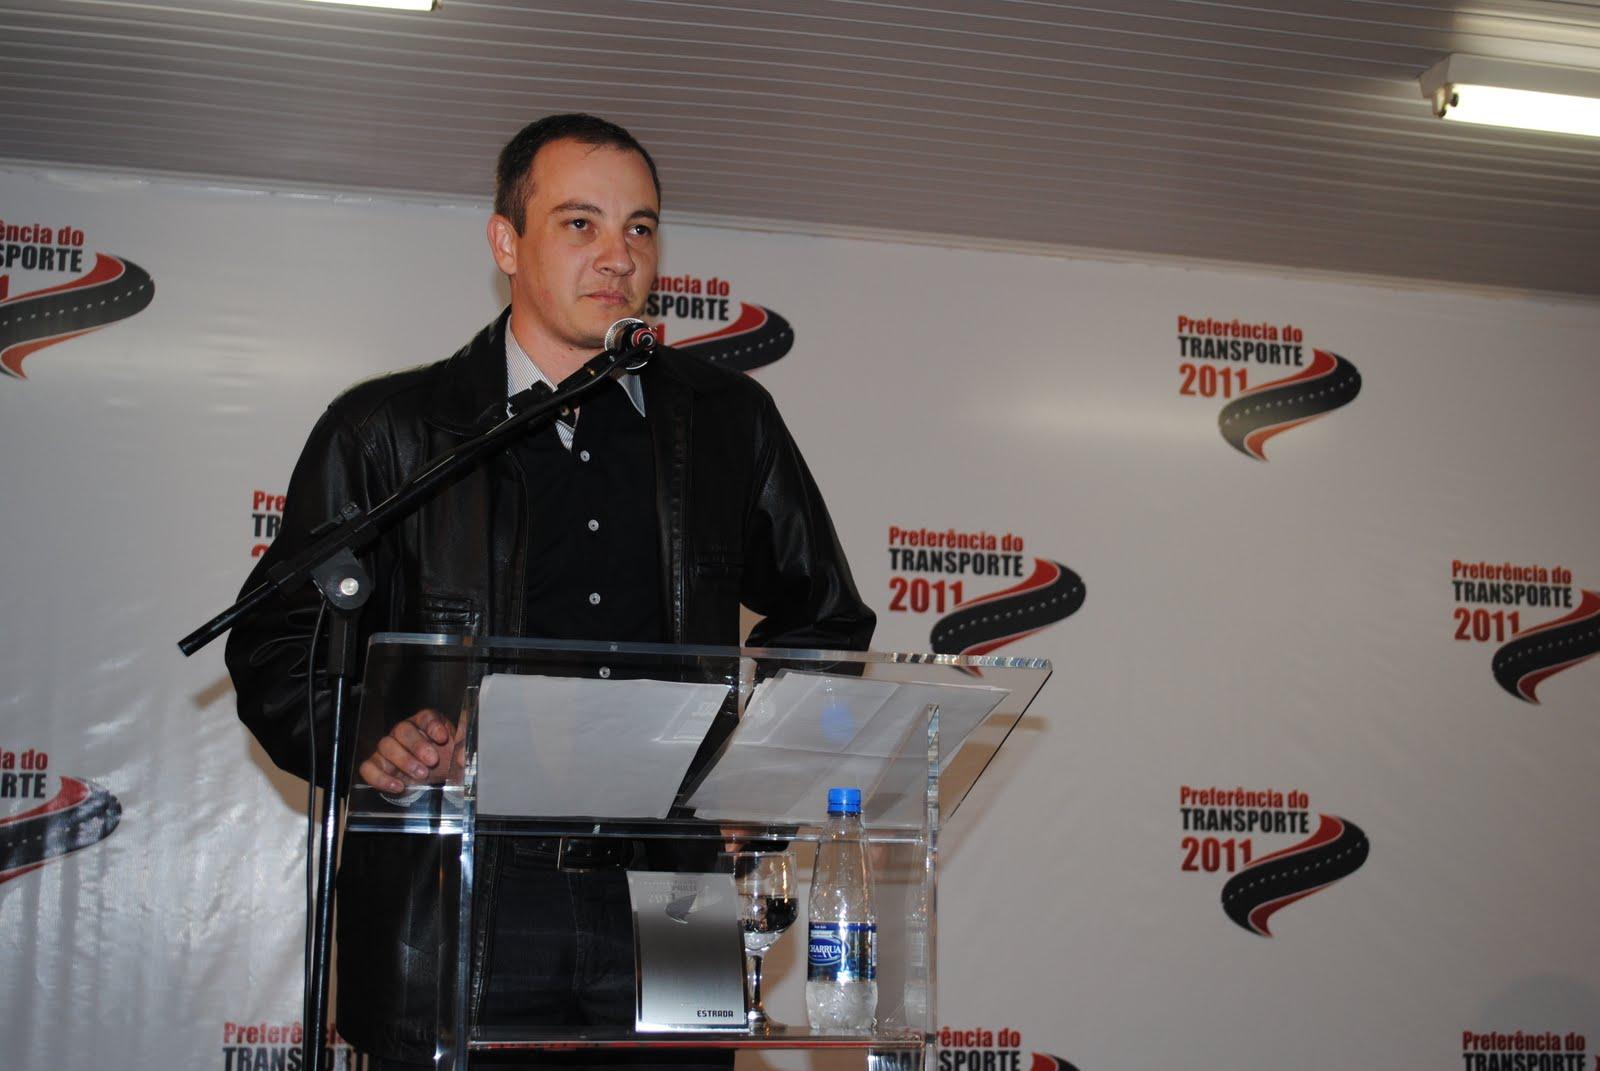 Carboni conquista 4 prêmios de Preferência do Transporte em Videira DSC 2184